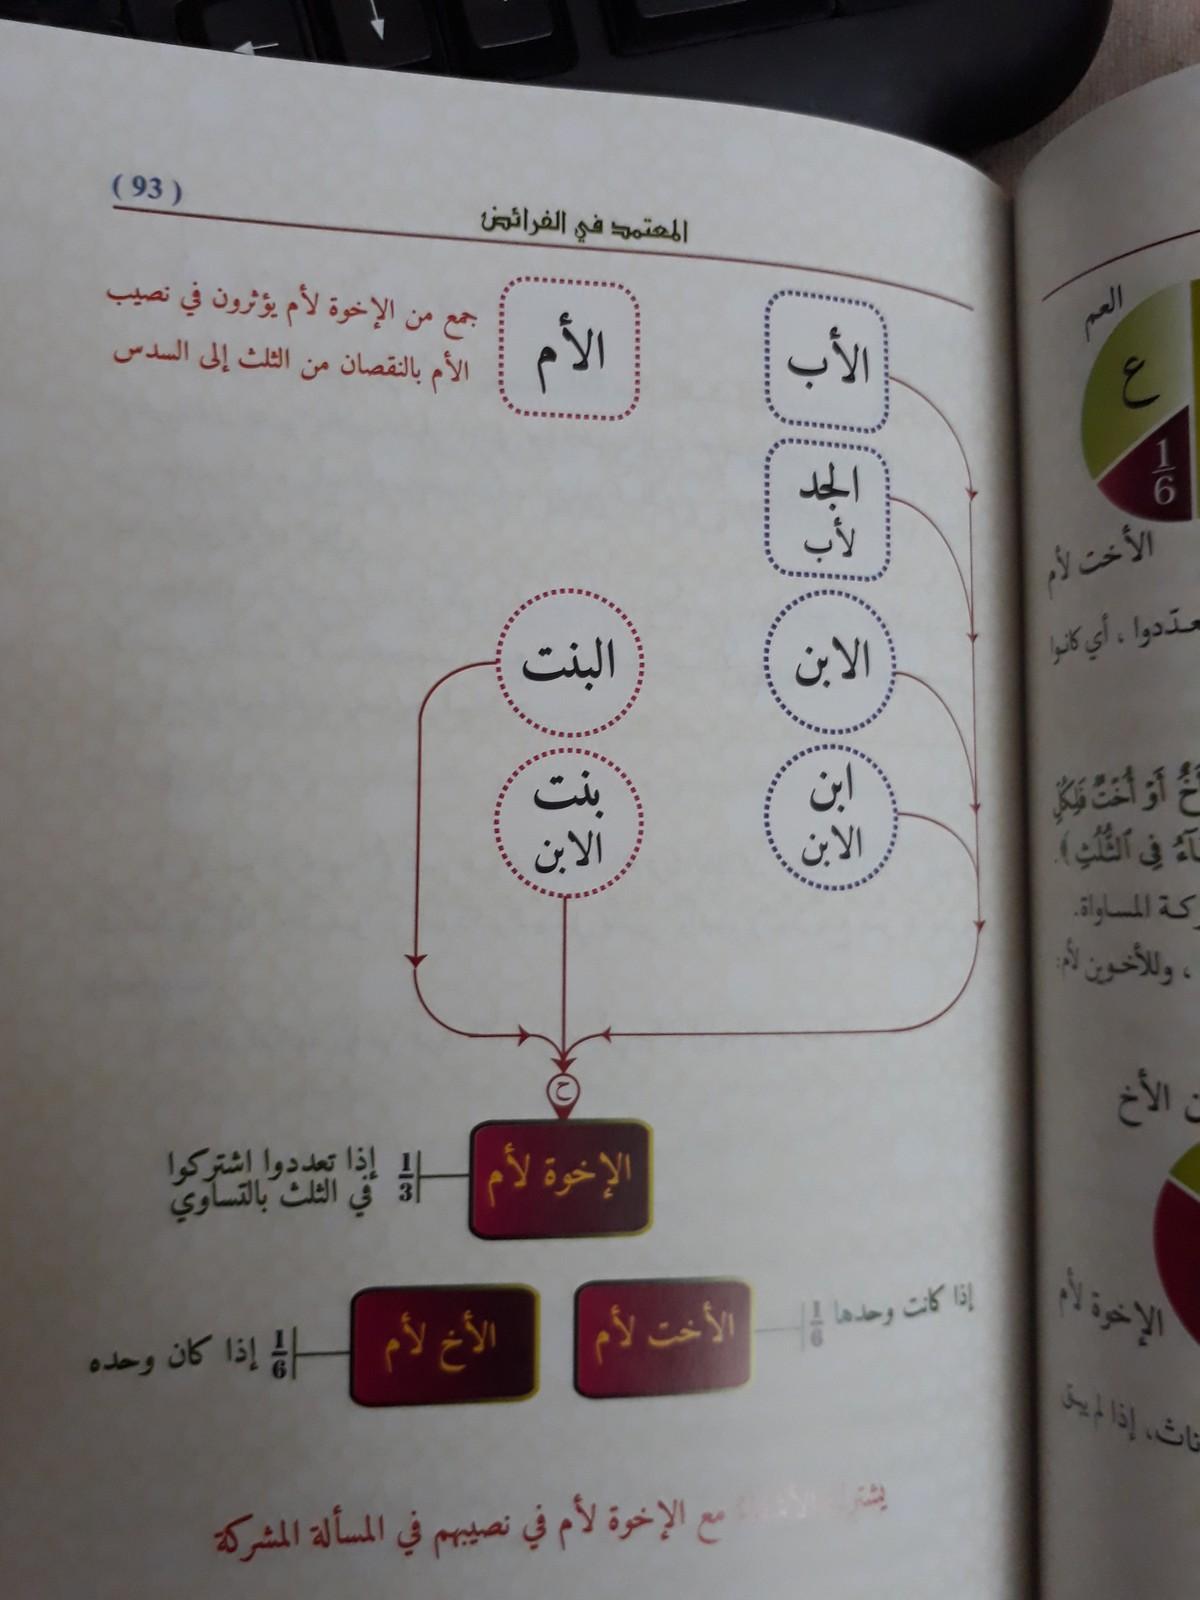 تحميل كتاب تقريب الفرائض pdf